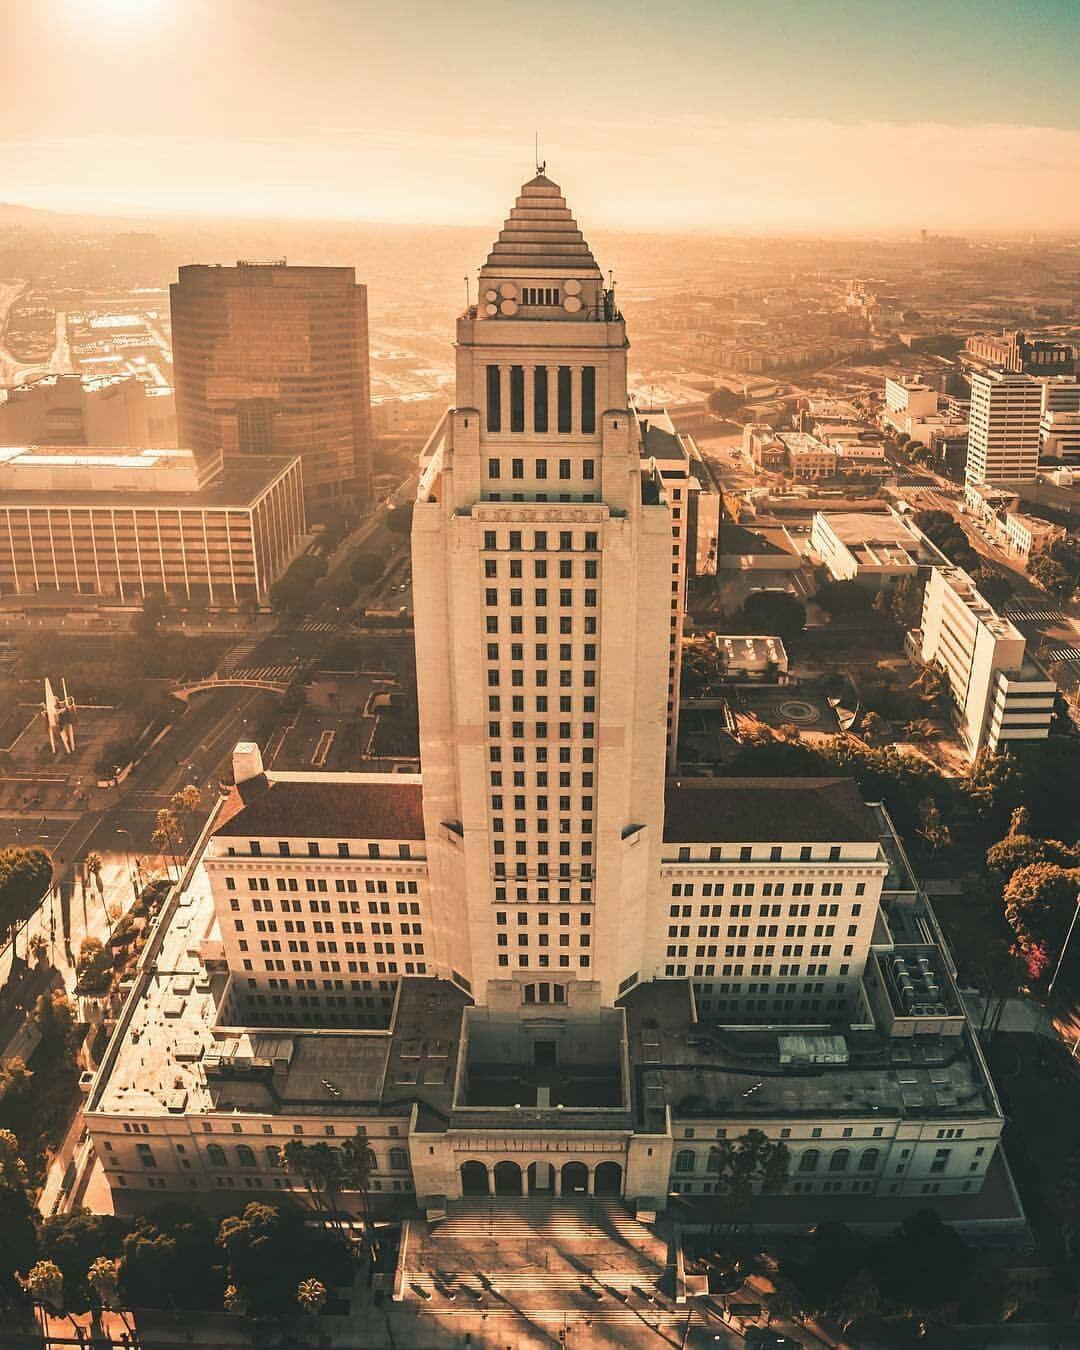 Losangeles La Losangelescalifornia Ferry Building San Francisco Los Angeles Los Angeles City